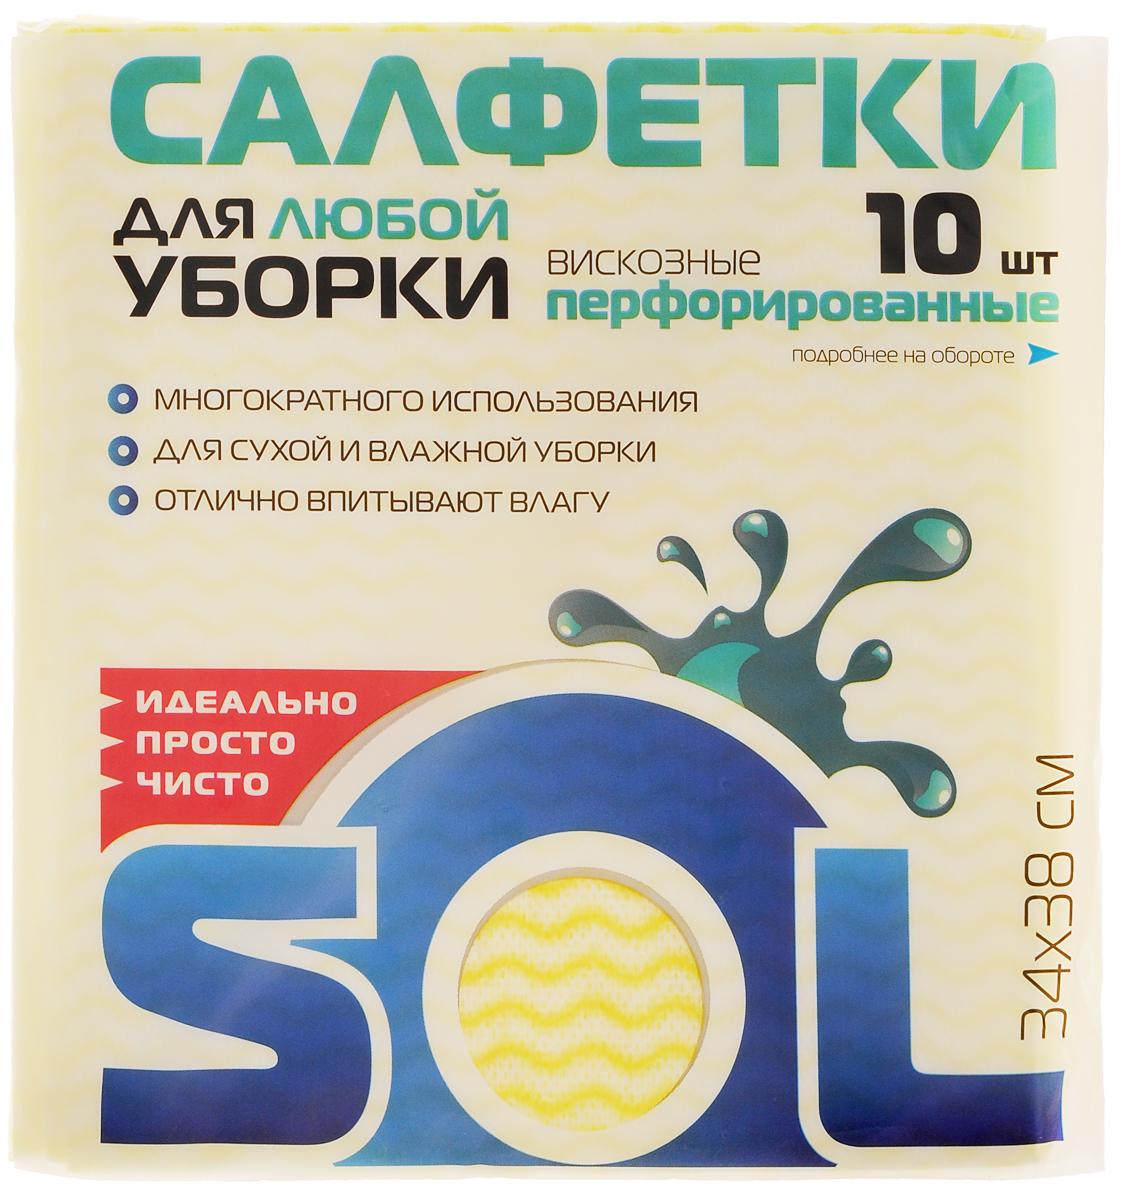 Салфетка для уборки Sol из вискозы, перфорированная, цвет: белый, желтый, 34 x 38 см, 10 шт10043_желтыйПерфорированные салфетки для уборки Sol, выполненные из вискозы, предназначены для уборки и могут применяться с различными моющими средствами. Эффективно впитывают жидкость. Мягкие и прочные, легко отжимаются и быстро сохнут.Рекомендации по уходу: Для обеспечения гигиеничности уборки после применения прополоскать в теплой воде.Для продления срока службы не применять машинную стирку, не гладить и не кипятить.